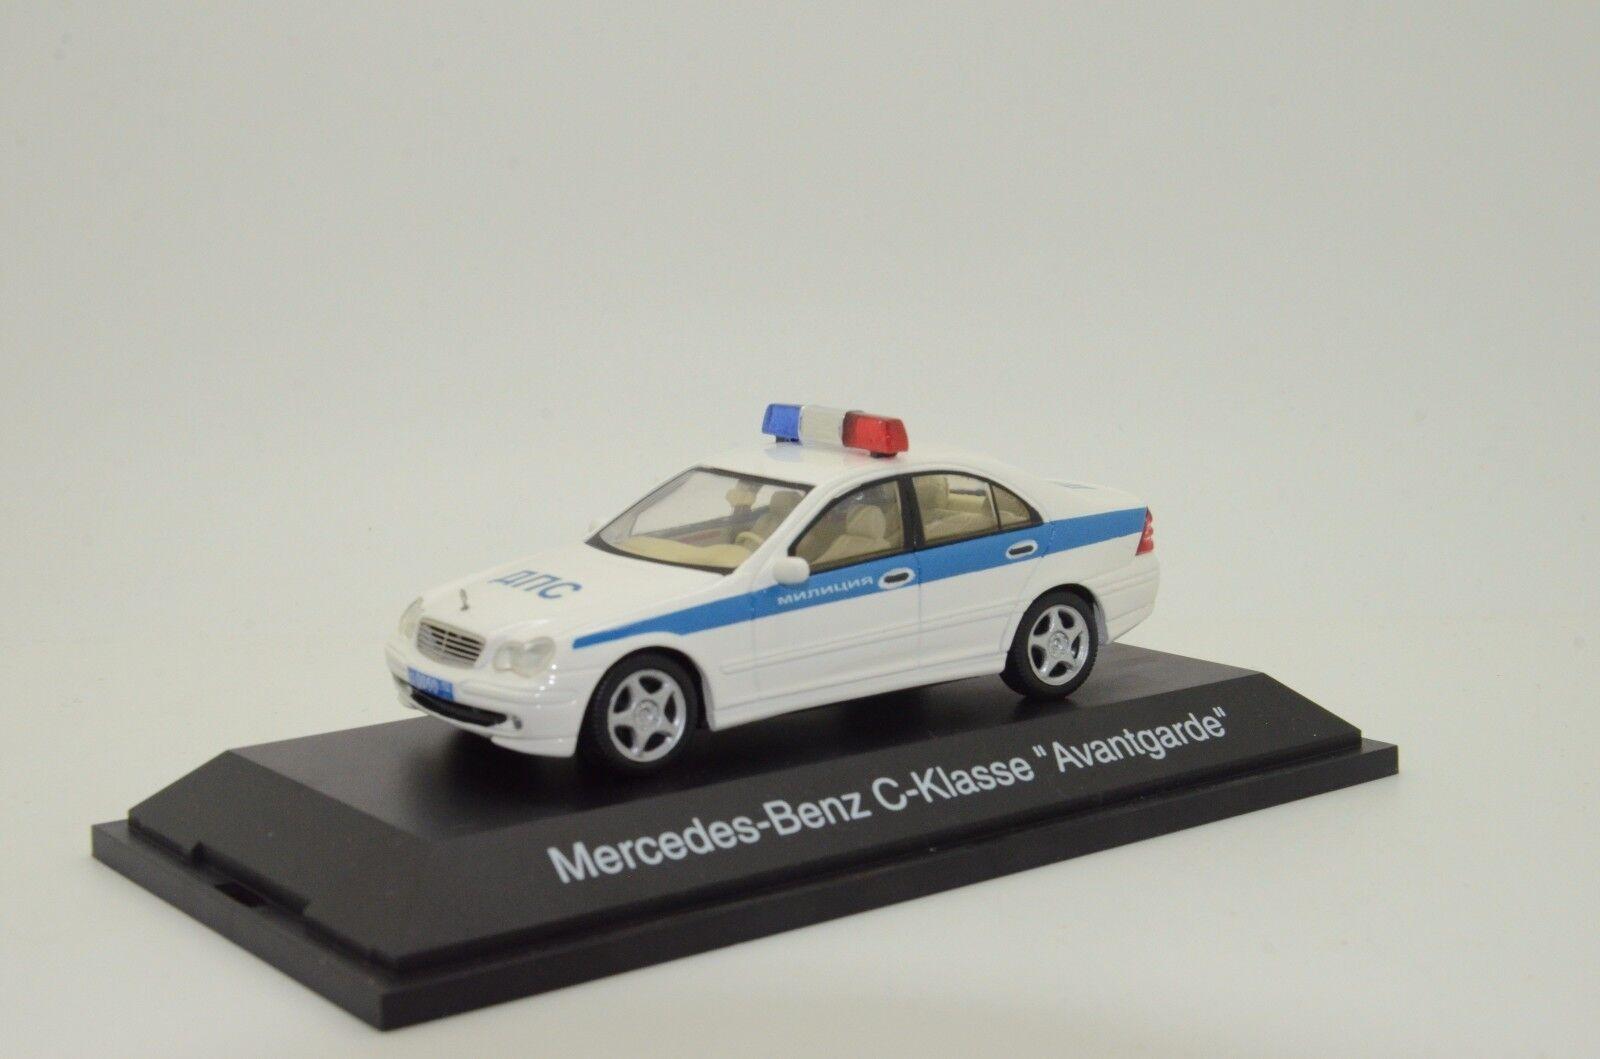 Raro Mercedes C-KLASSE W203 la policía rusa personalizado hecho Schuco 1/43